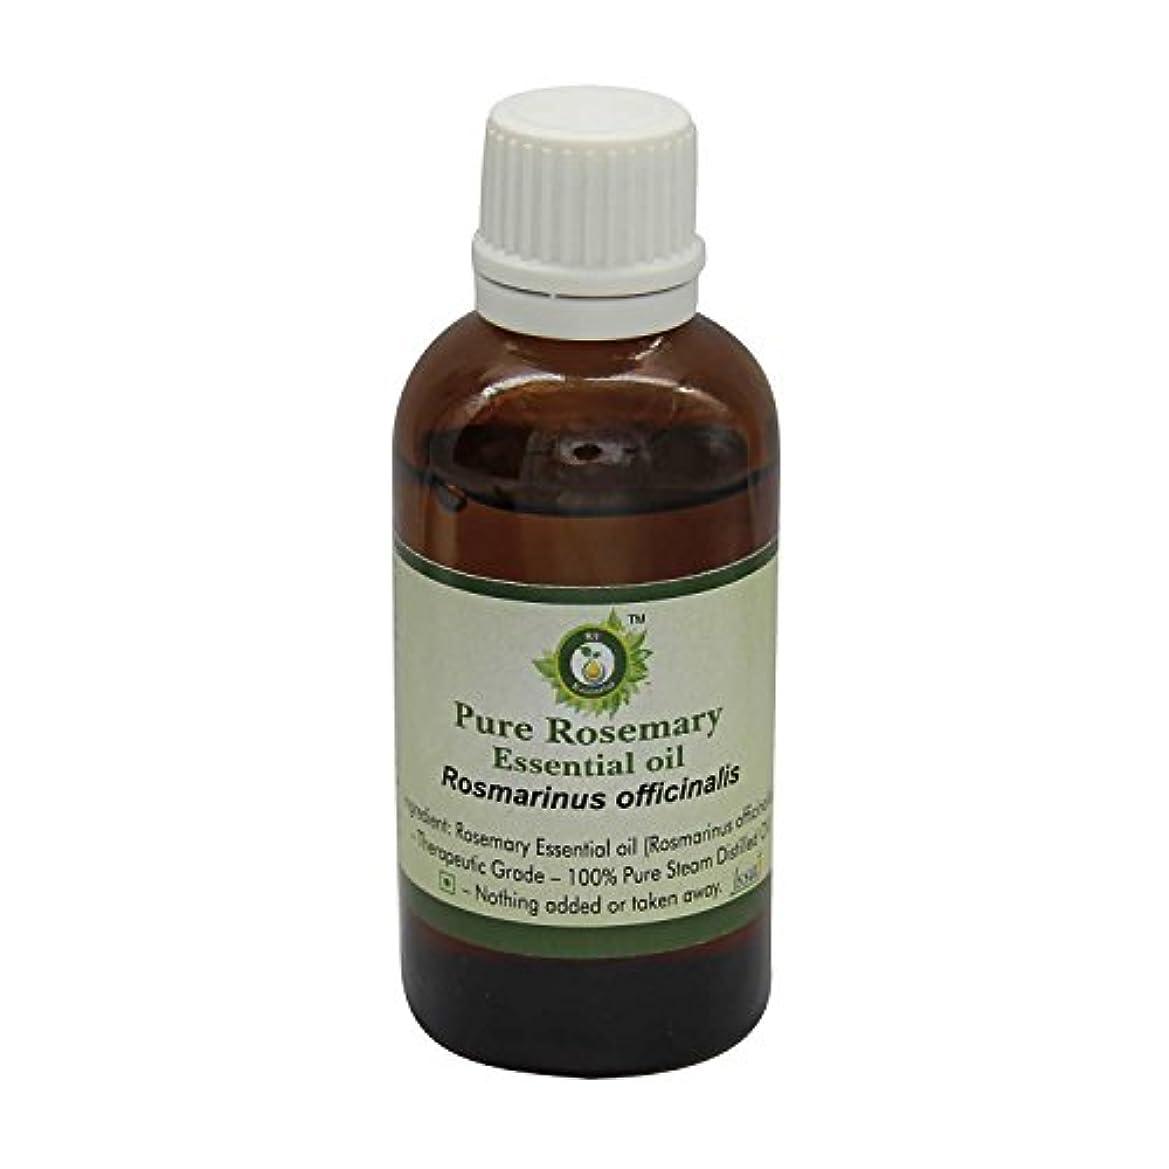 めまいがバット渇きR V Essential ピュアローズマリーエッセンシャルオイル30ml (1.01oz)- Rosmarinus Officinalis (100%純粋&天然スチームDistilled) Pure Rosemary Essential Oil